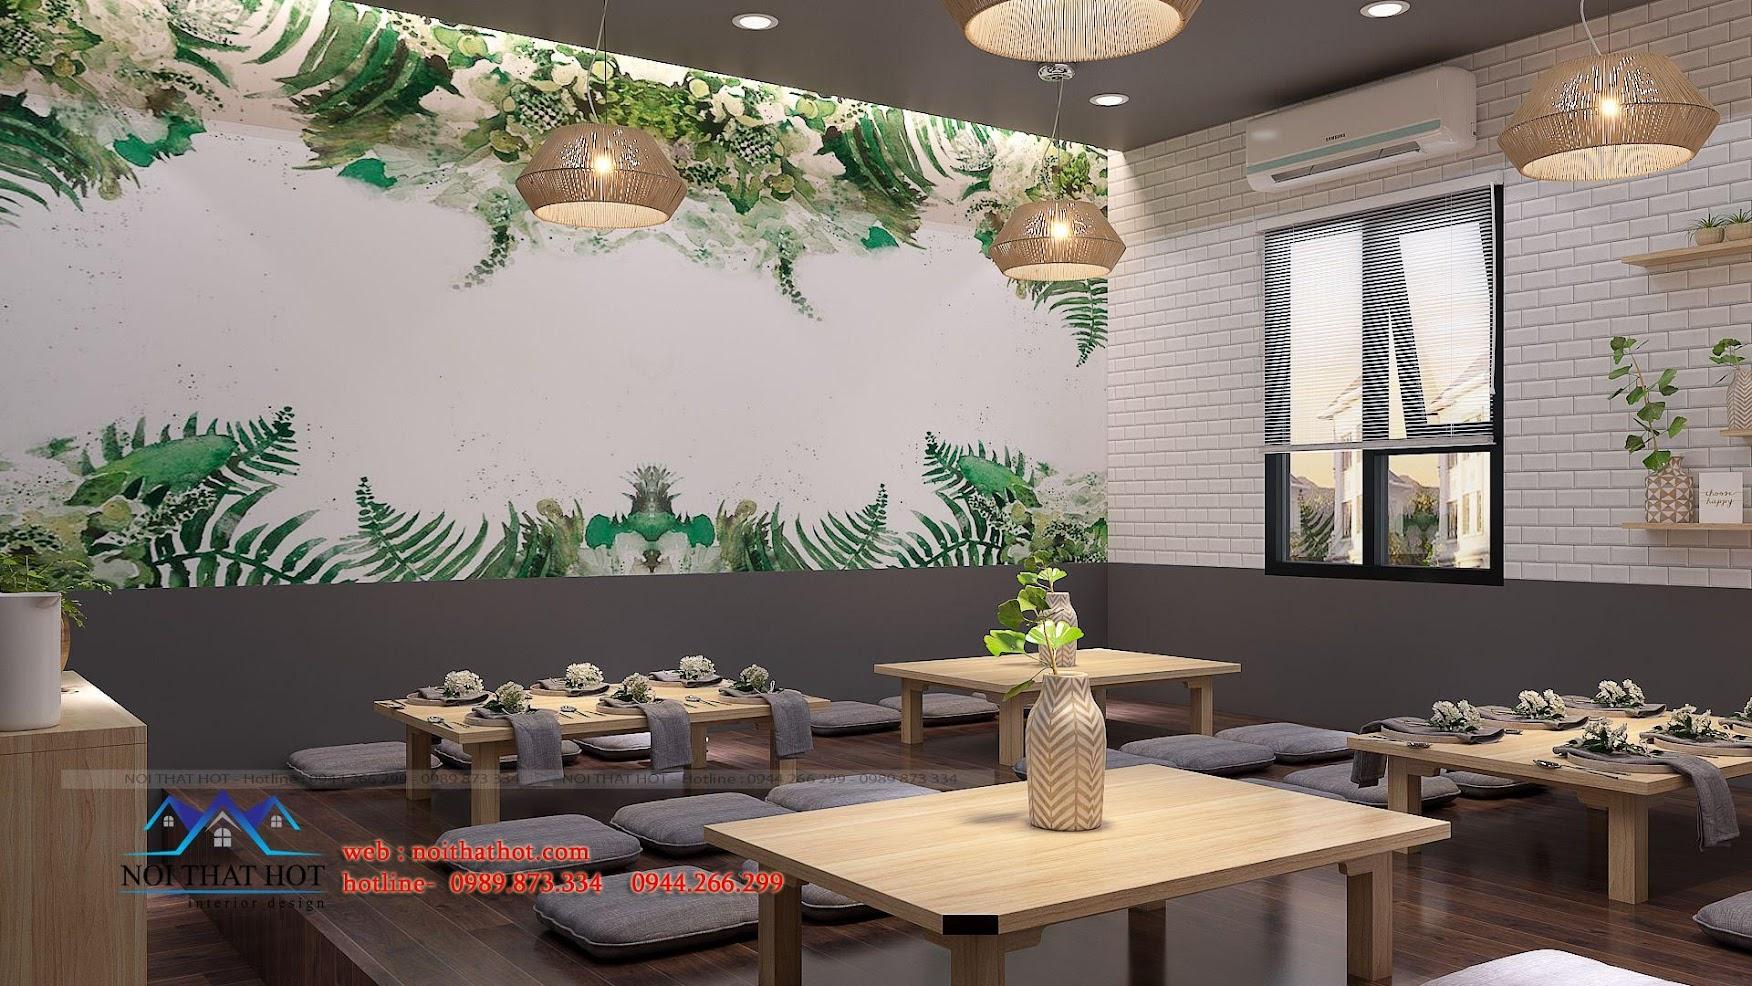 thiết kế nhà hàng trường giang 20